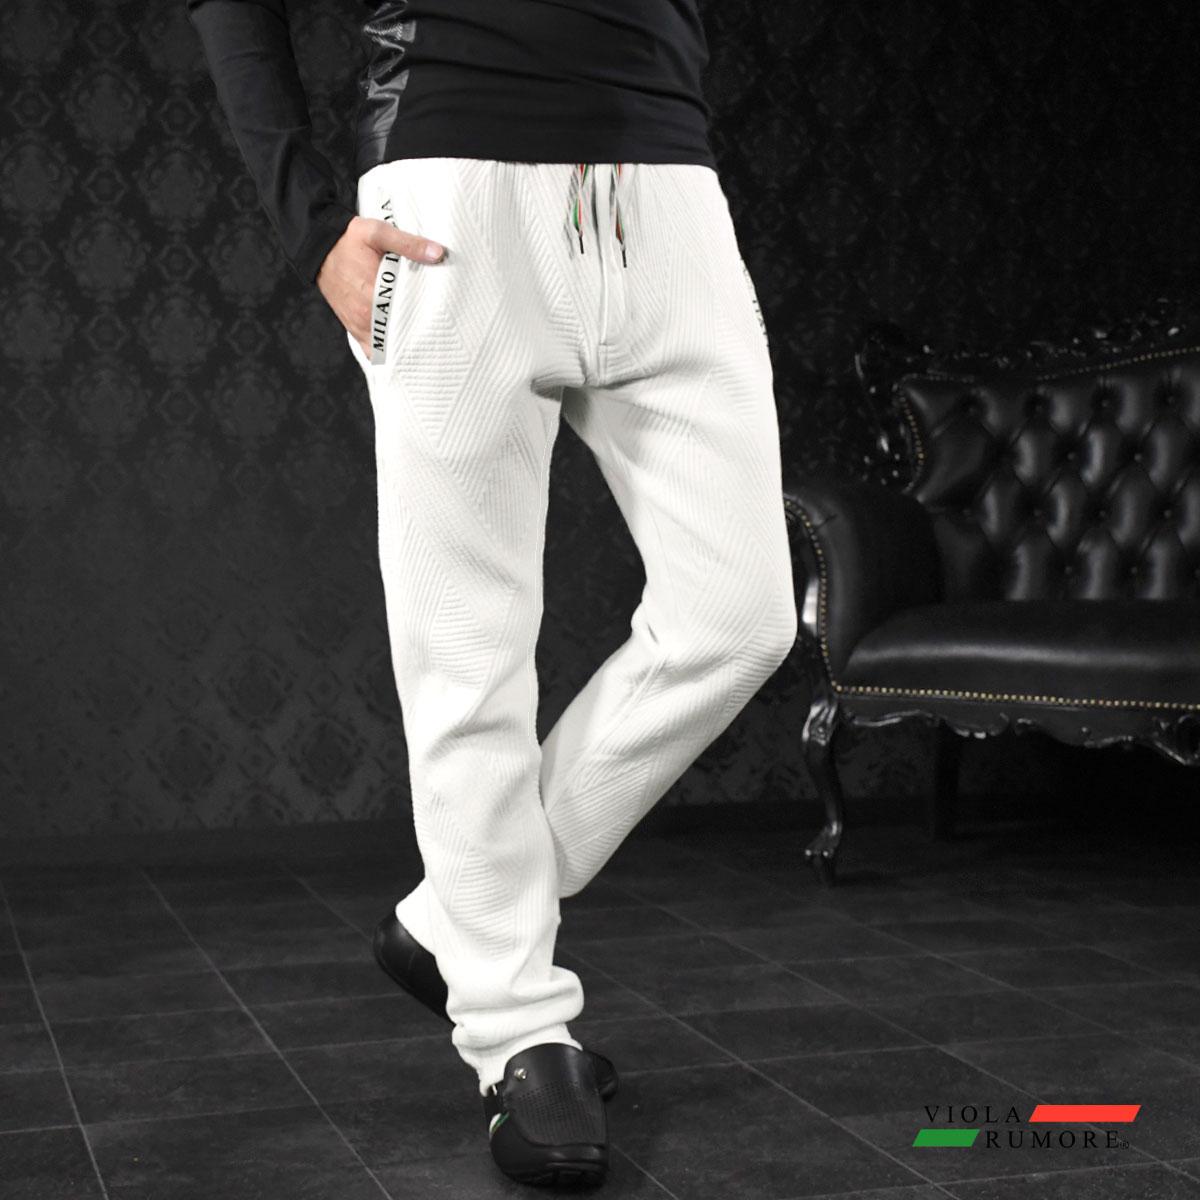 VIOLA rumore ヴィオラ ビオラ ロングパンツ 接結素材 メンズ スウェット ボトムス mens(ホワイト白) 01133